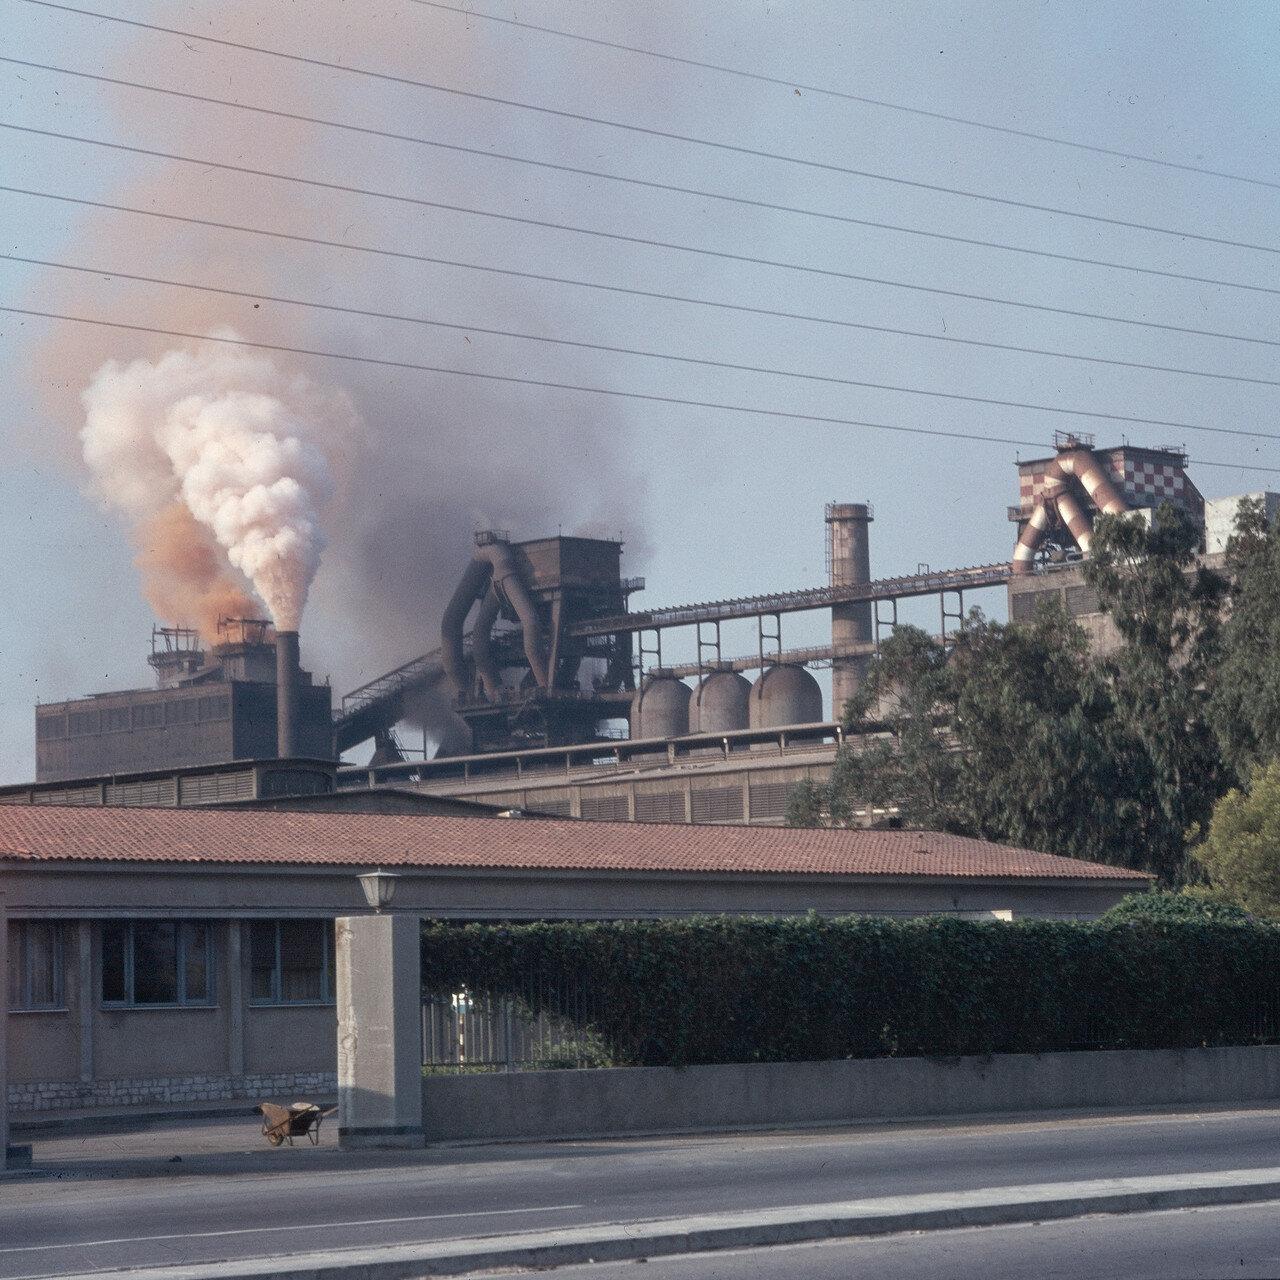 1970. Элевсин. Медный завод в заливе Элевсин